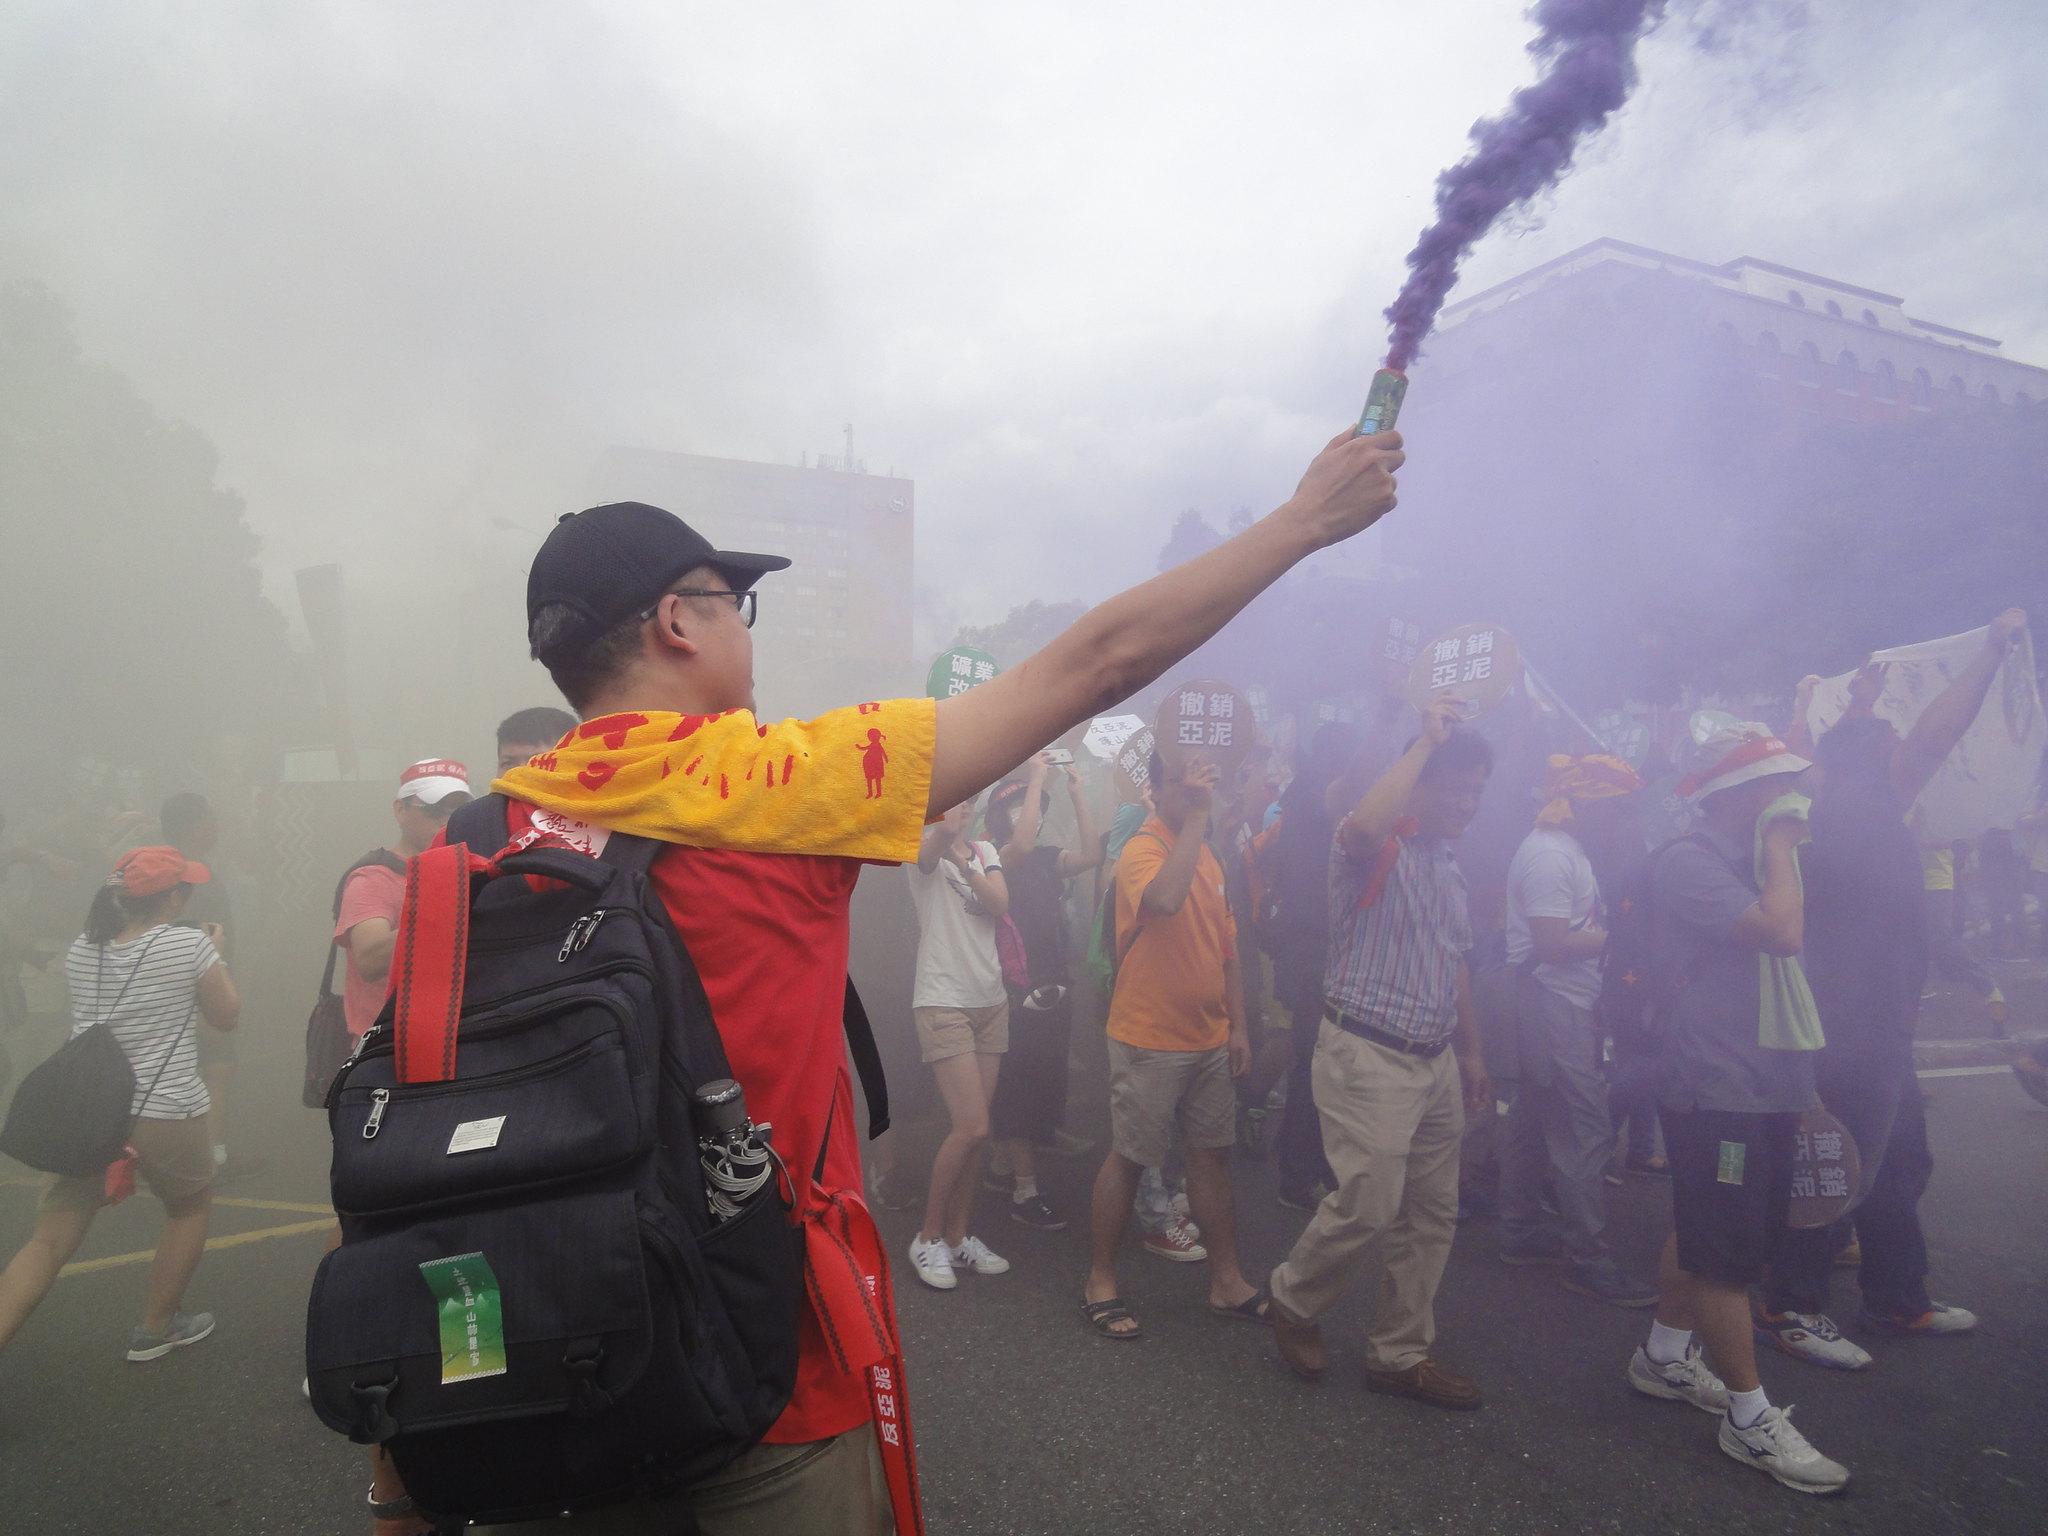 遊行參與者施放煙霧模擬亞泥炸山。(攝影:張智琦)